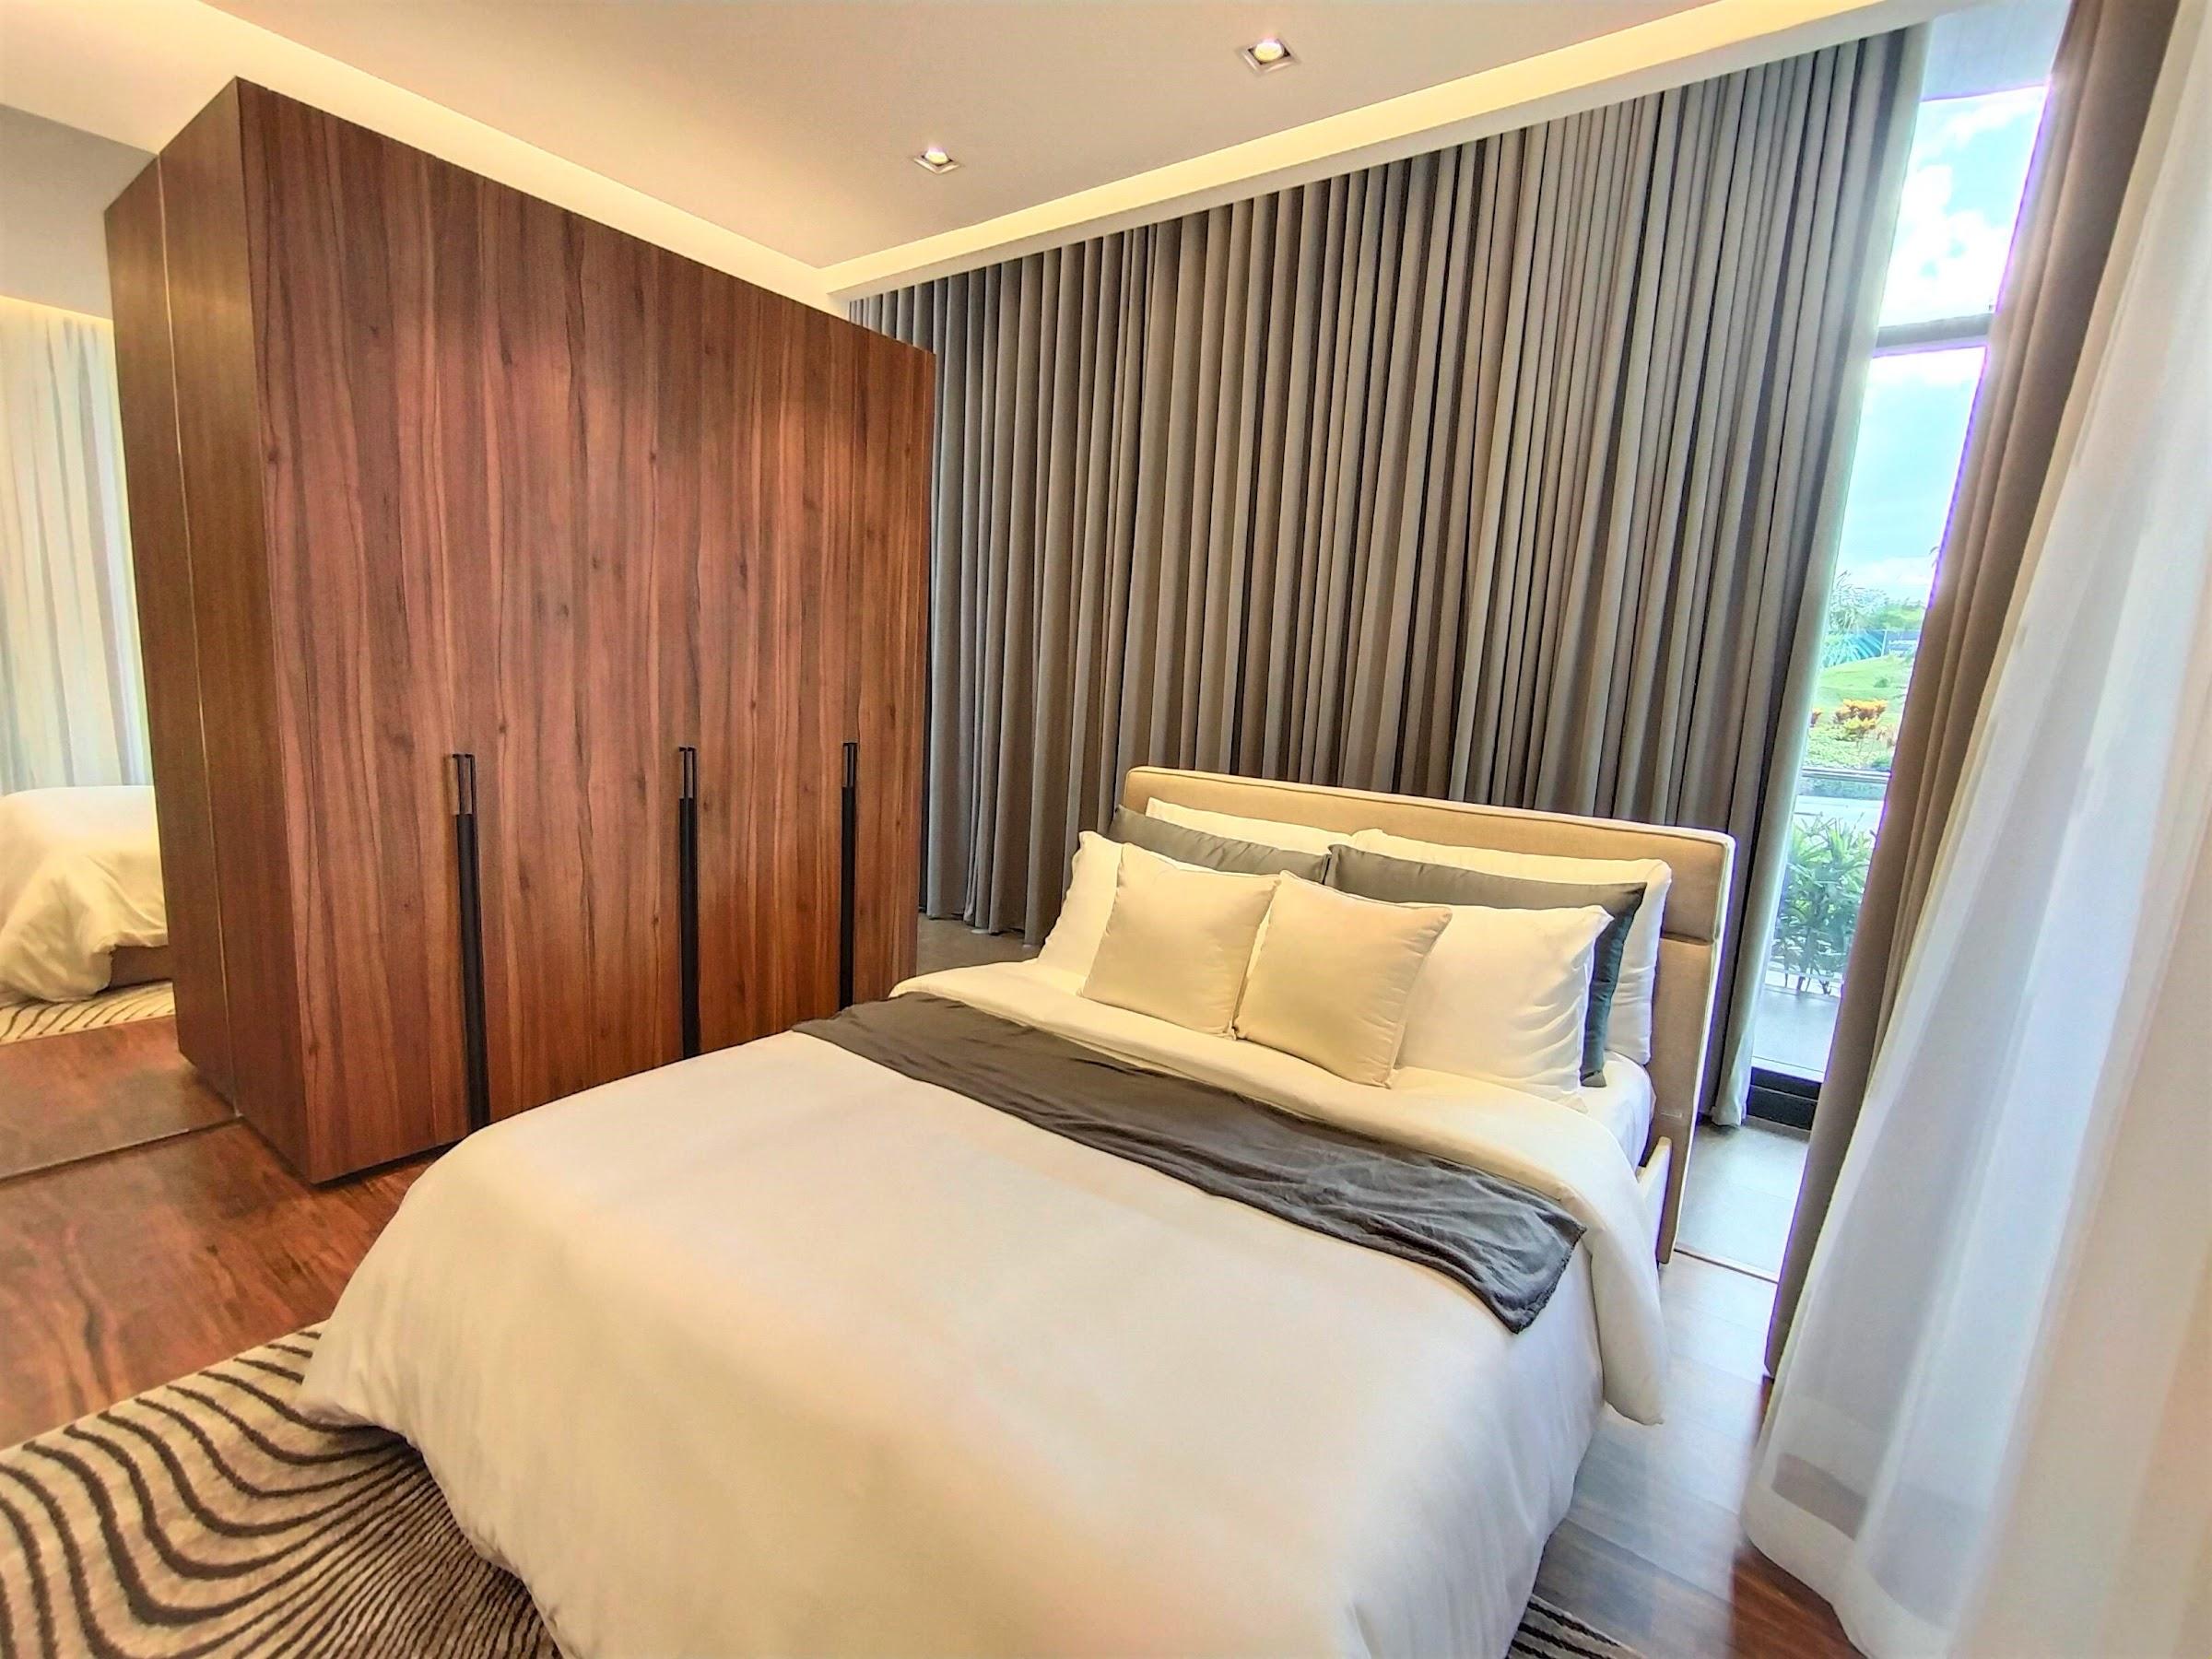 Laselva, Capitol Hills Drive, Quezon City 1 Bedroom unit